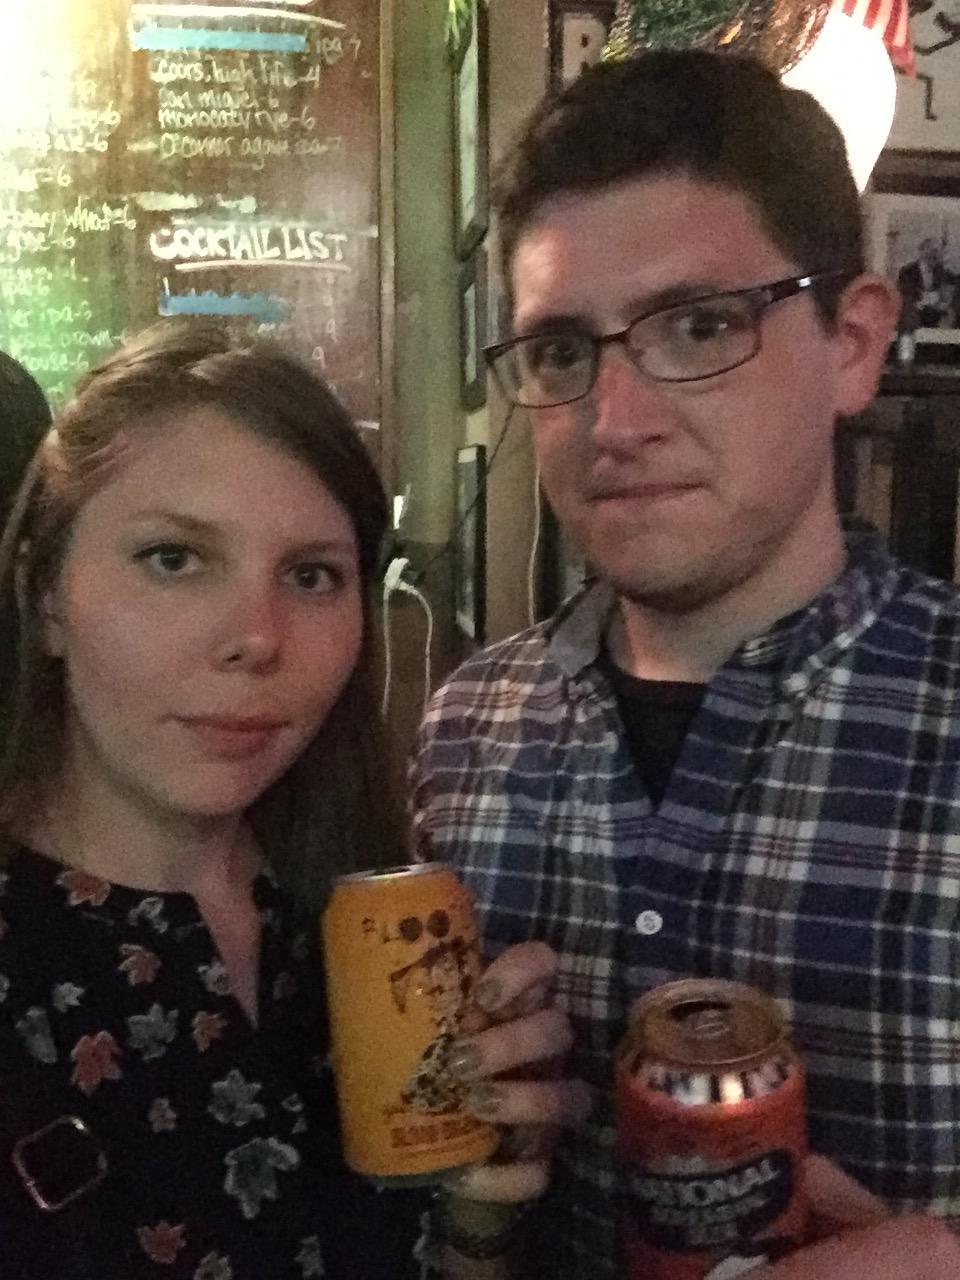 Our old neighborhood bar, The Pug, DC (2017)